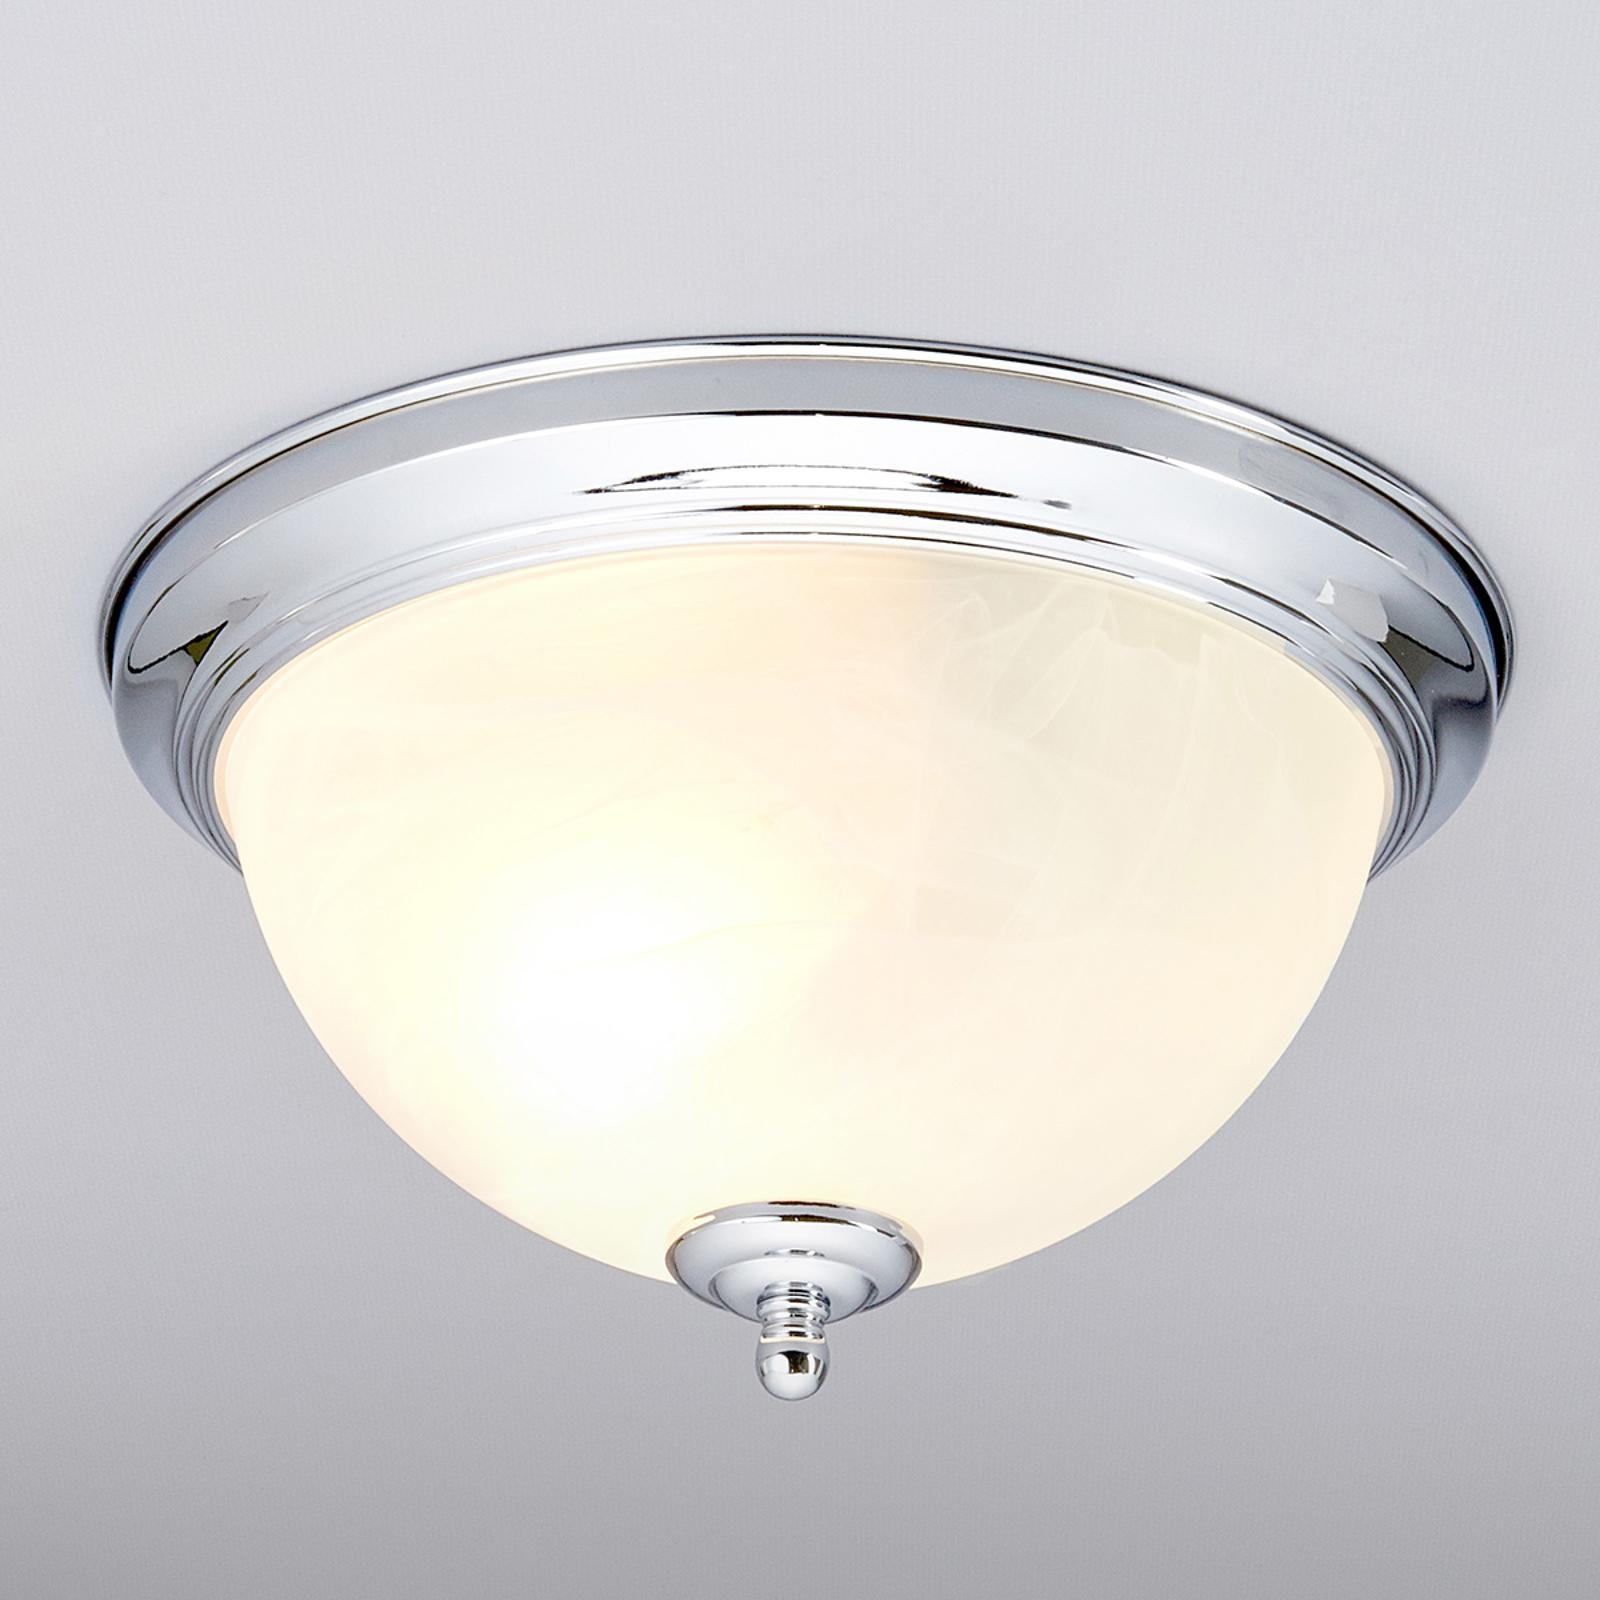 Łazienkowa lampa sufitowa CORVIN w kolorze chromu